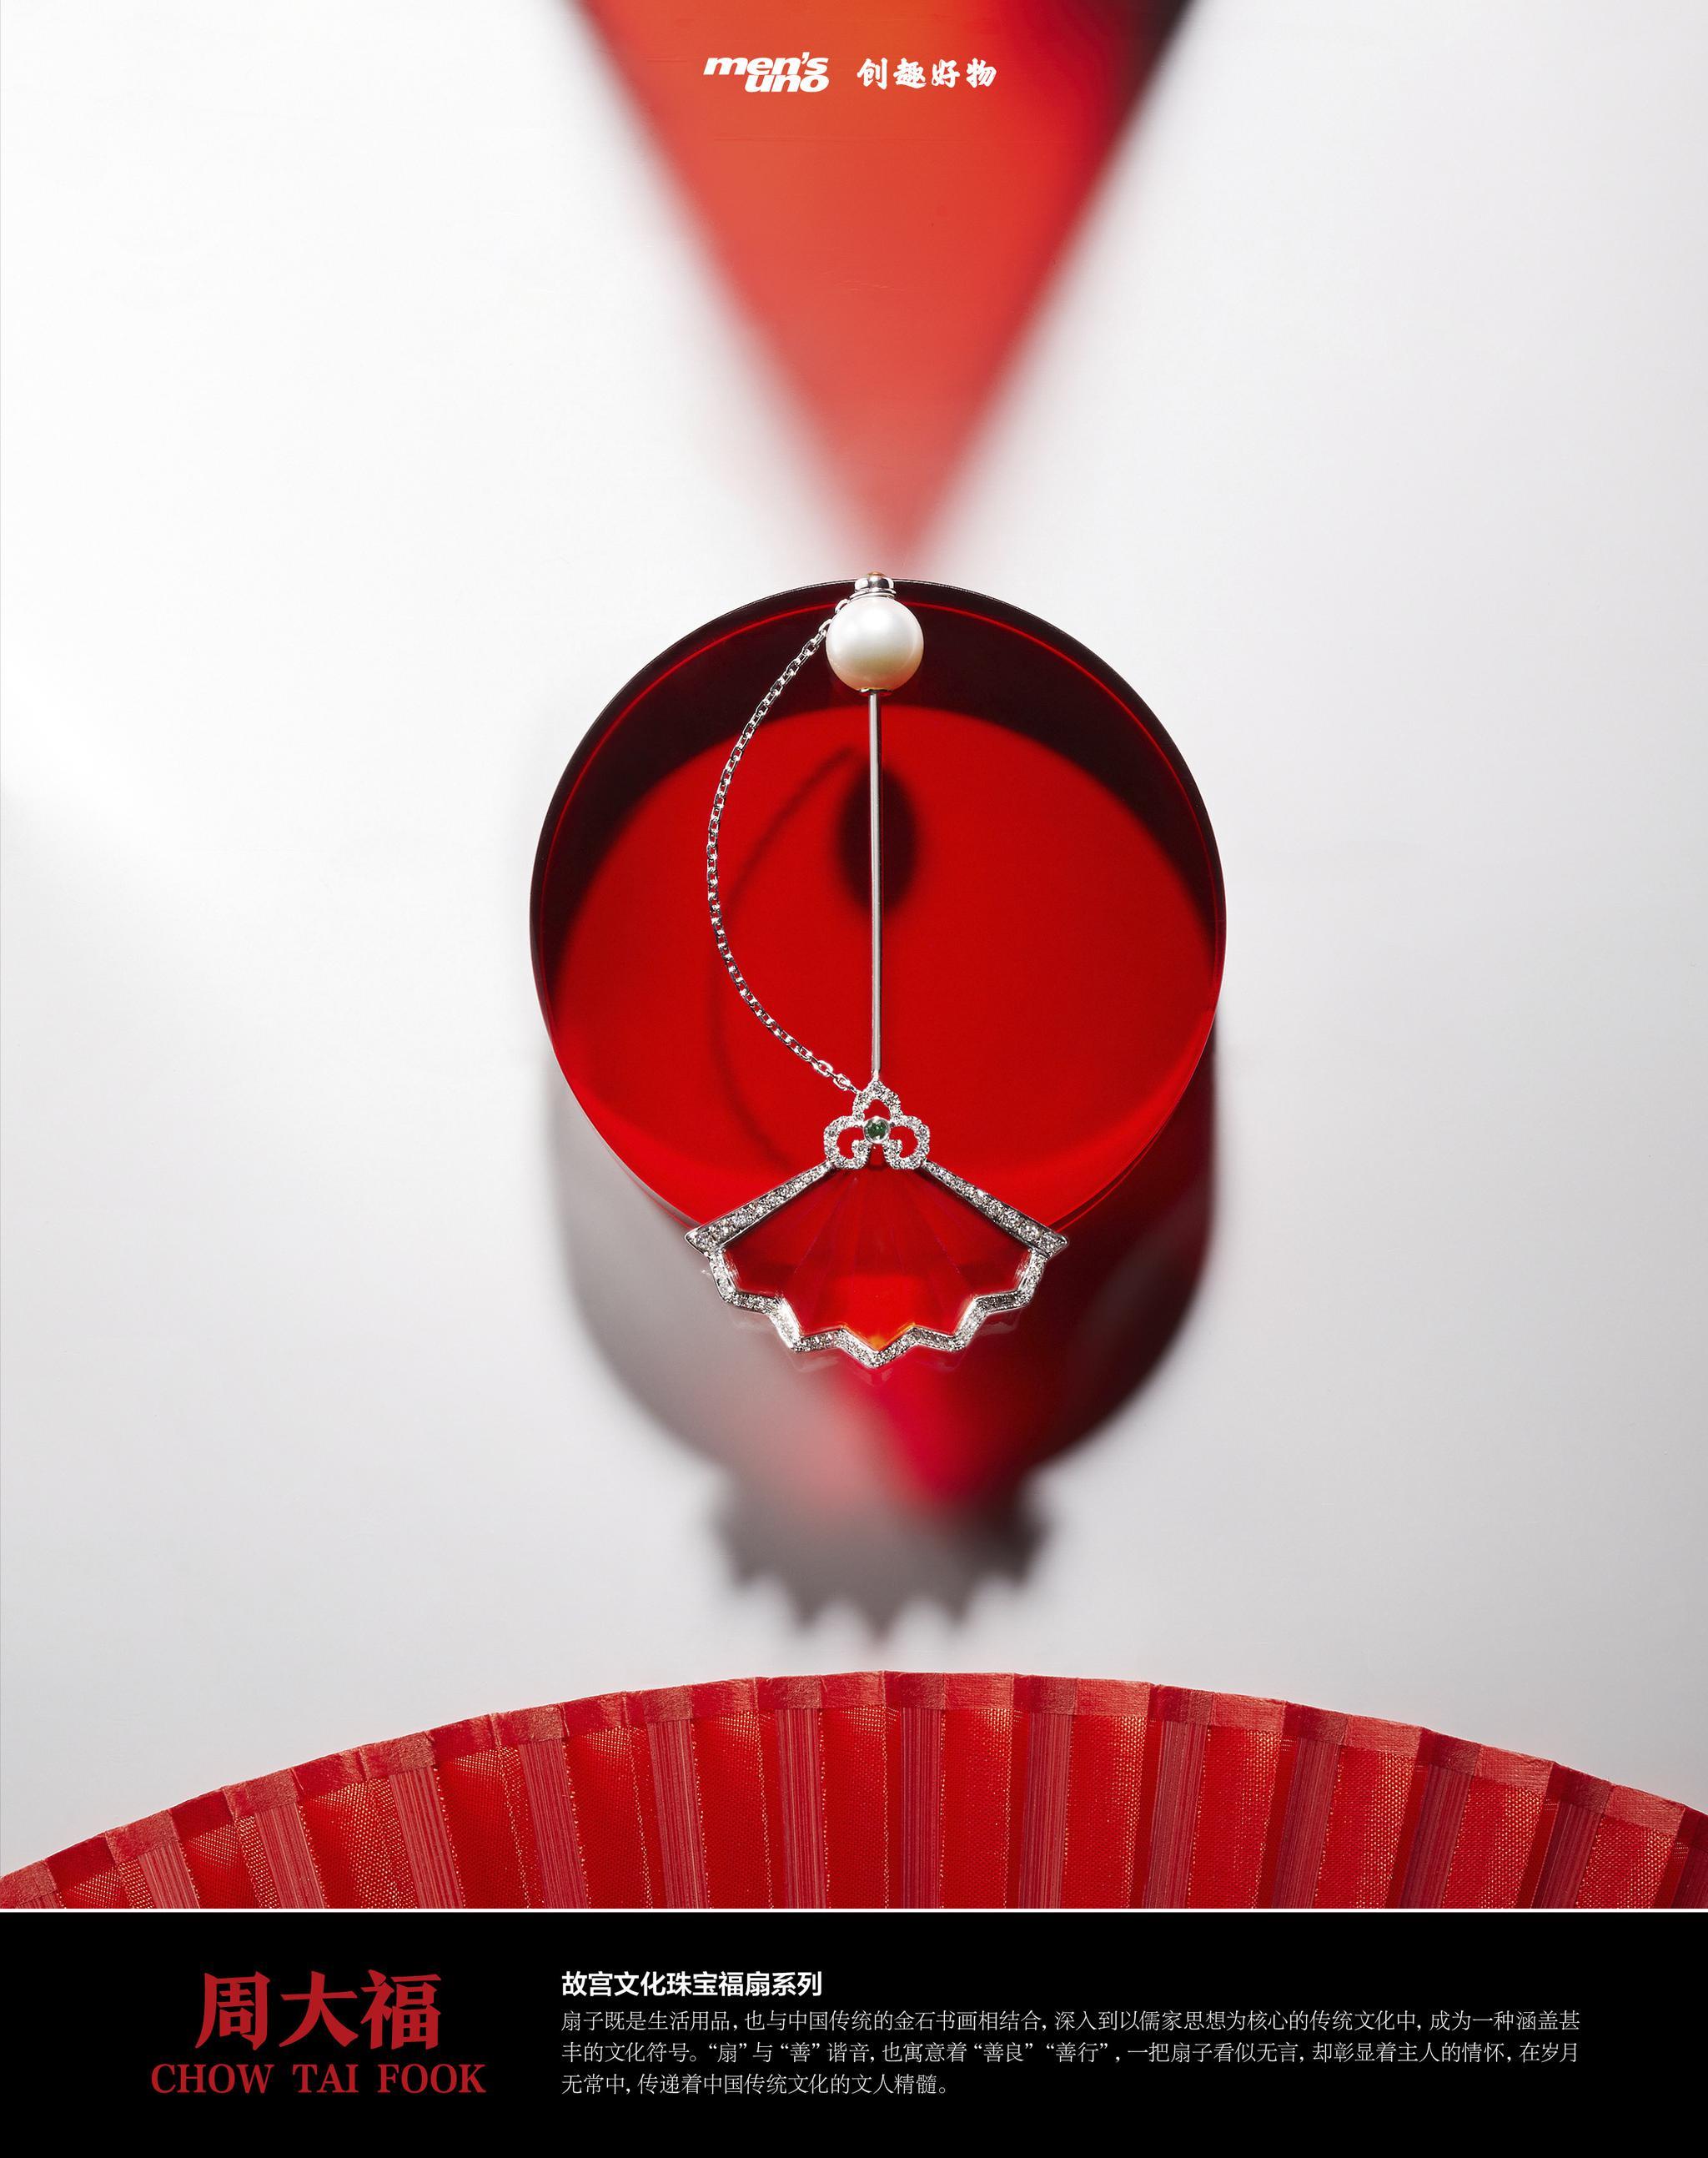 故宫文化珠宝福扇系列 扇子既是生活用品……